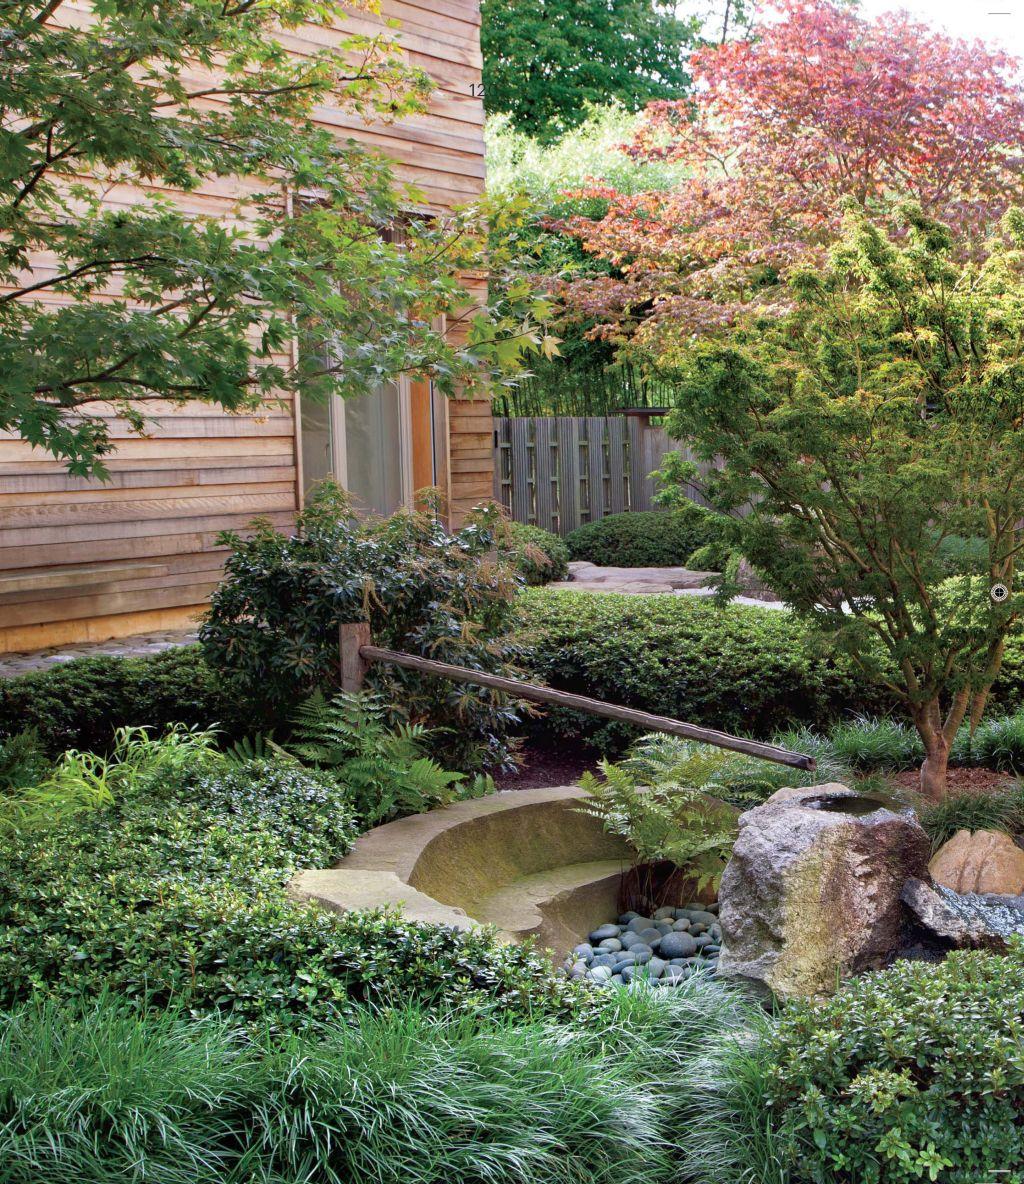 japanese garden design ideas for small spaces beautiful japanese garden designs for small spaces